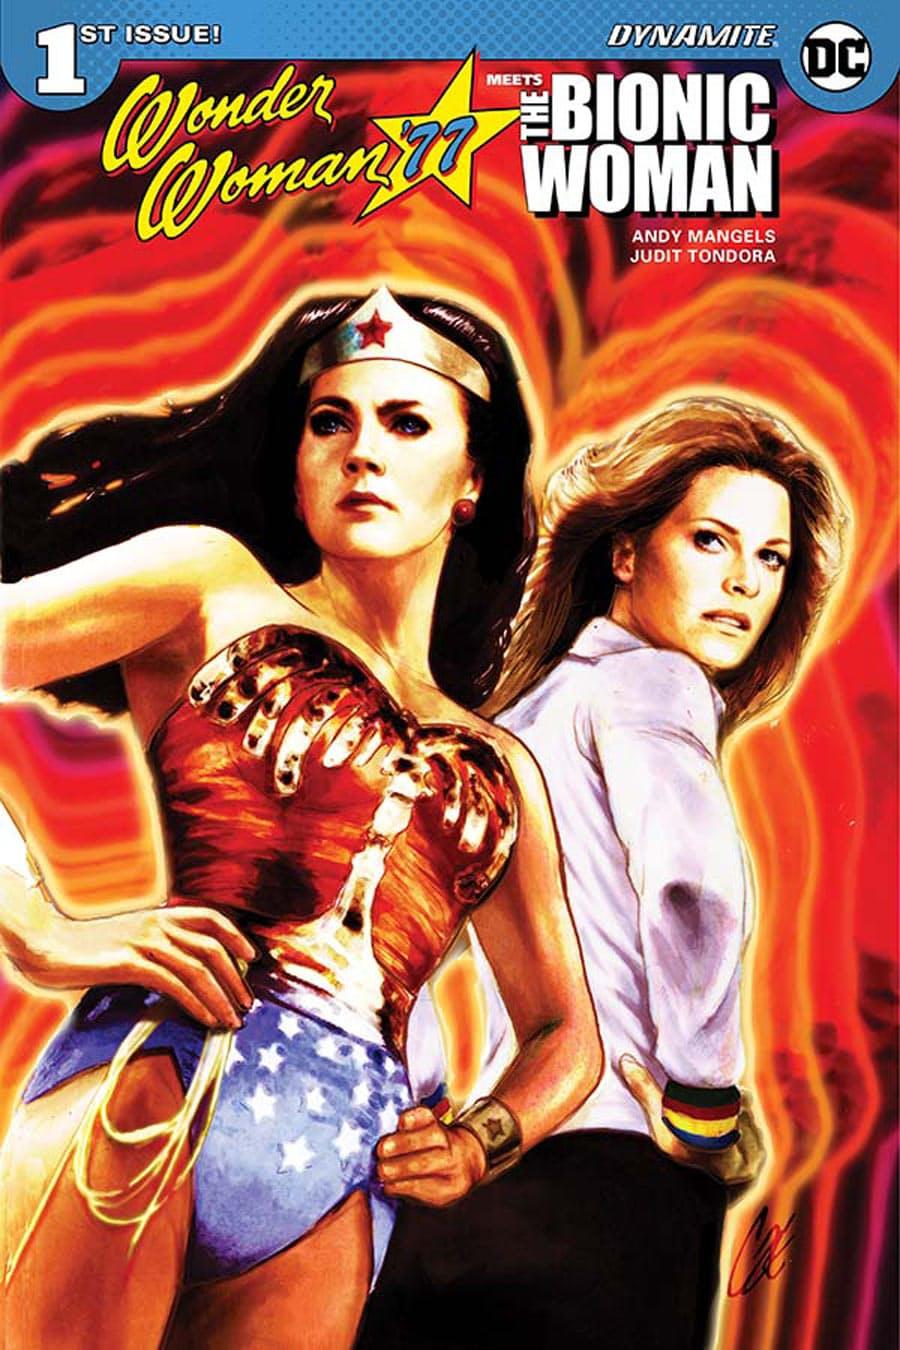 Wonder Woman '77 Meets the Bionic Woman Vol 1 | DC ...